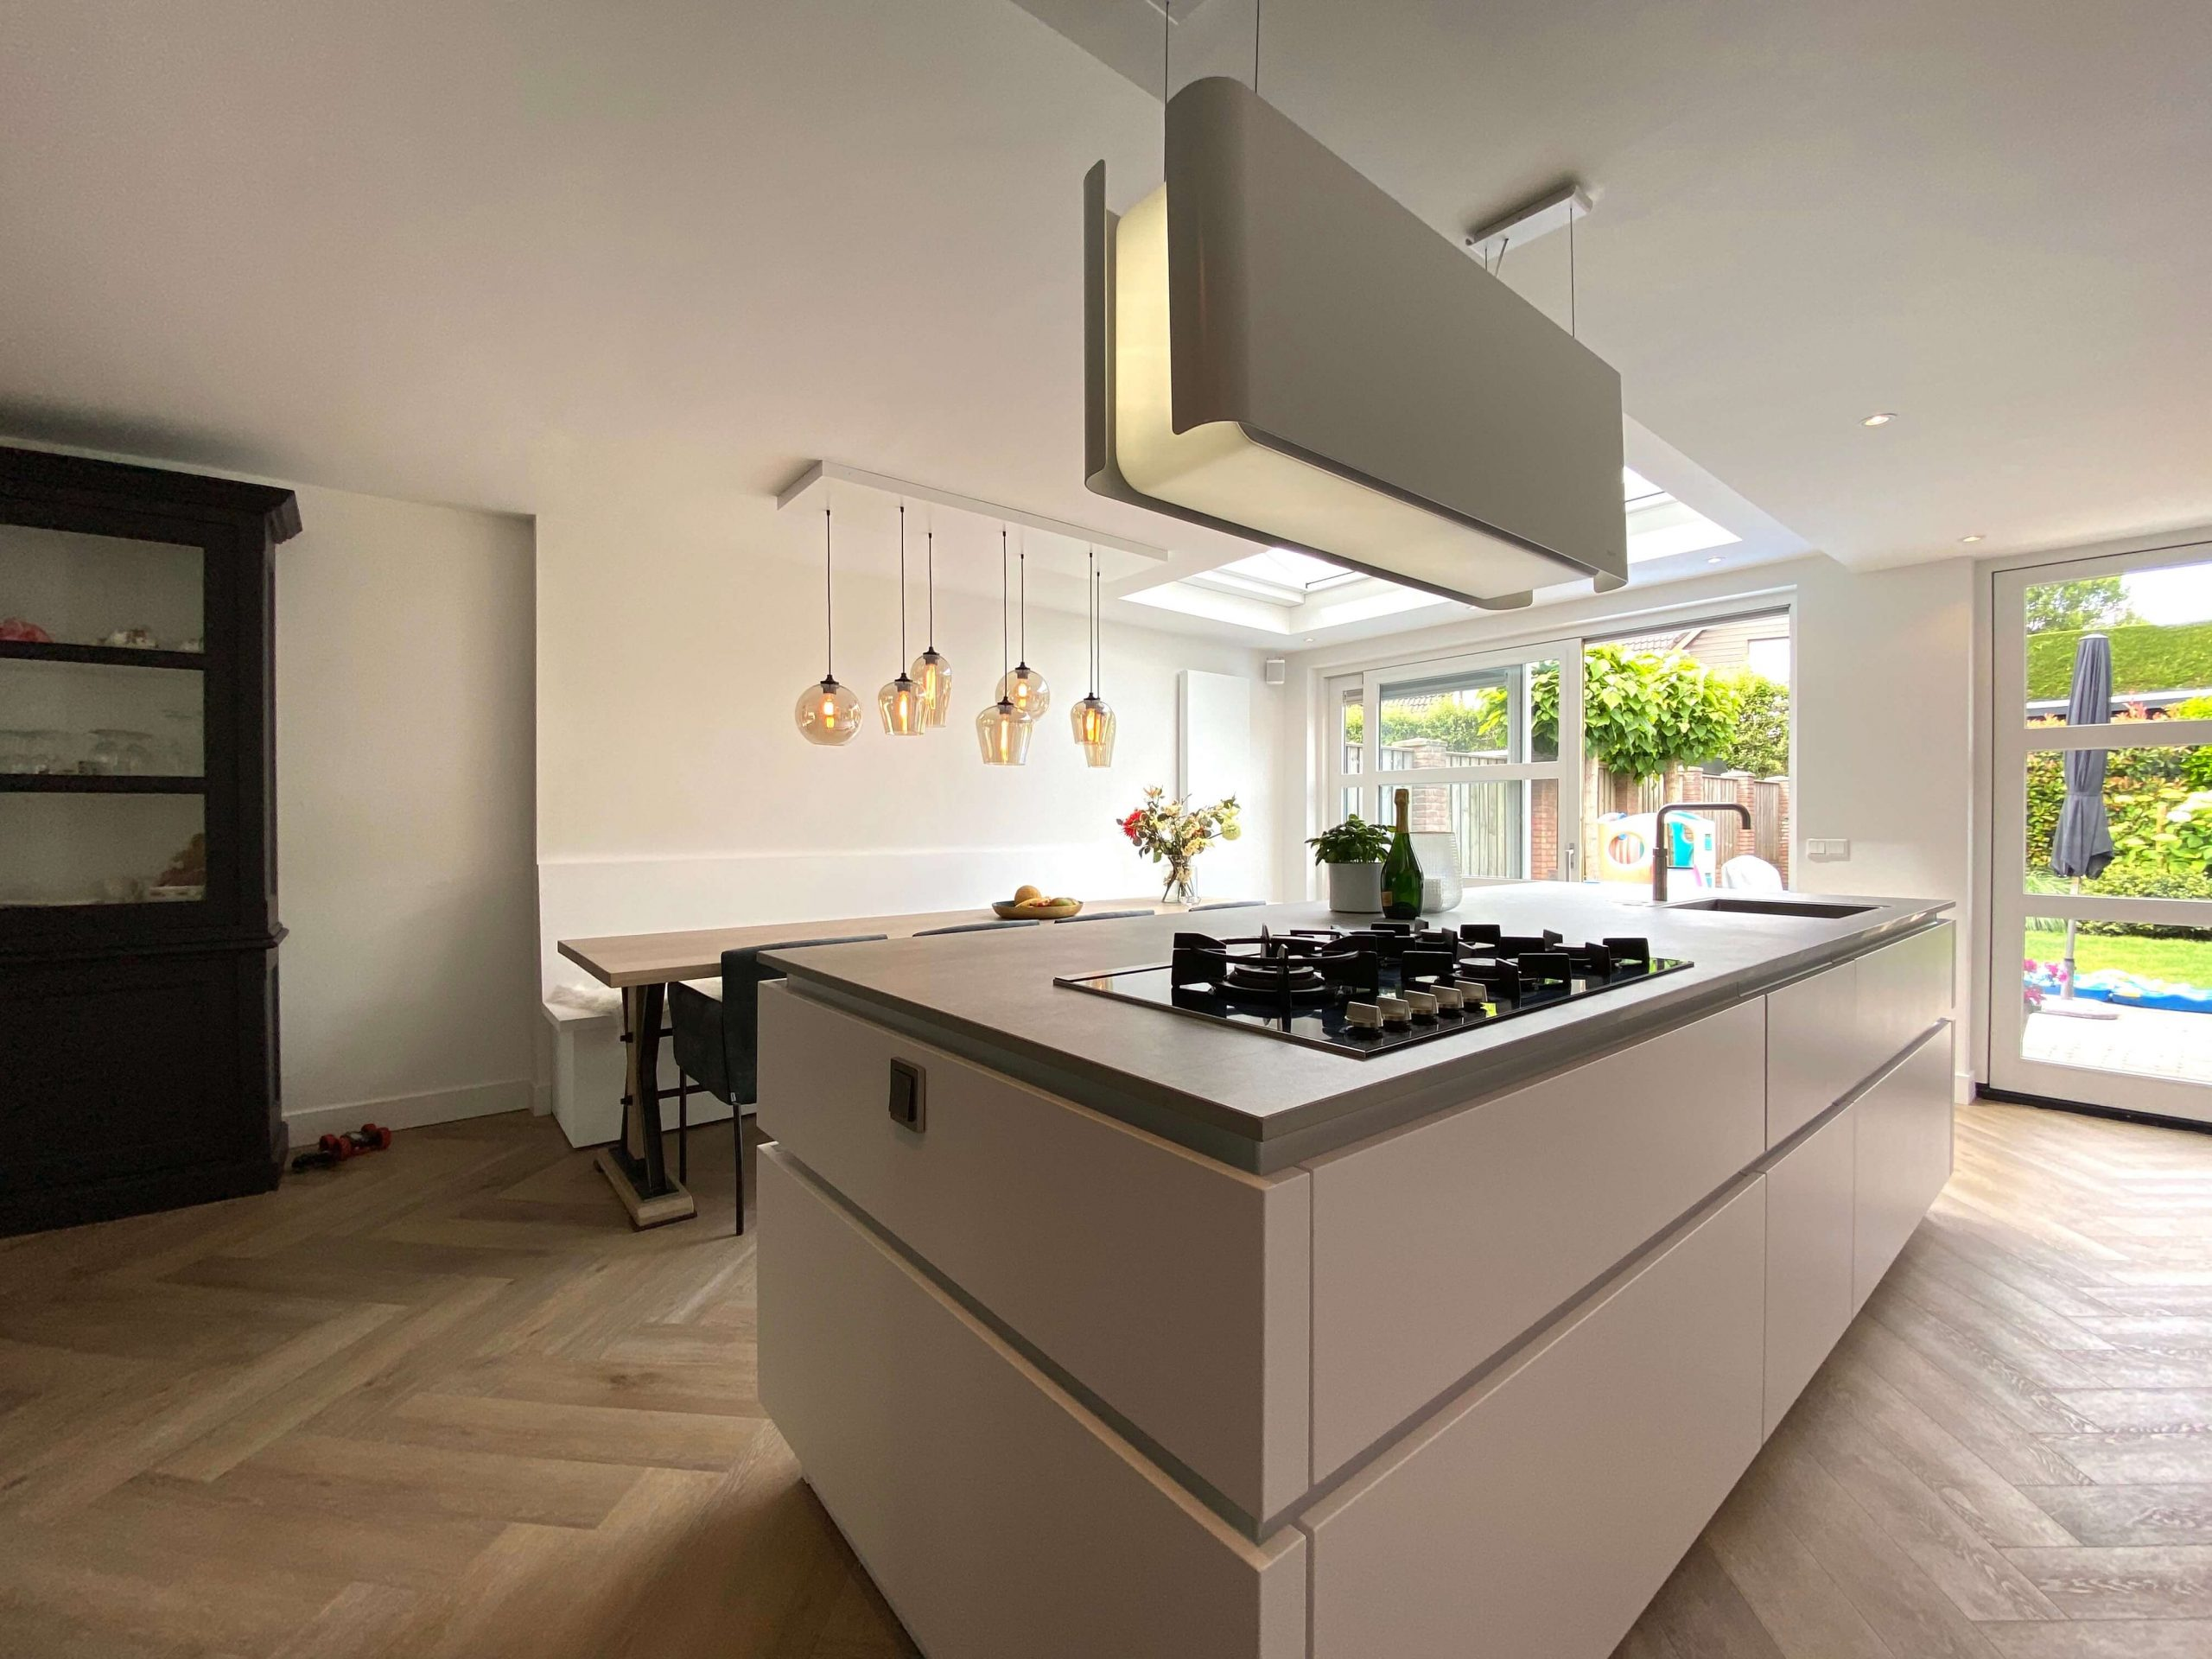 ruimte keukenuitbouw met designkeuken en kookeiland van wildhagen